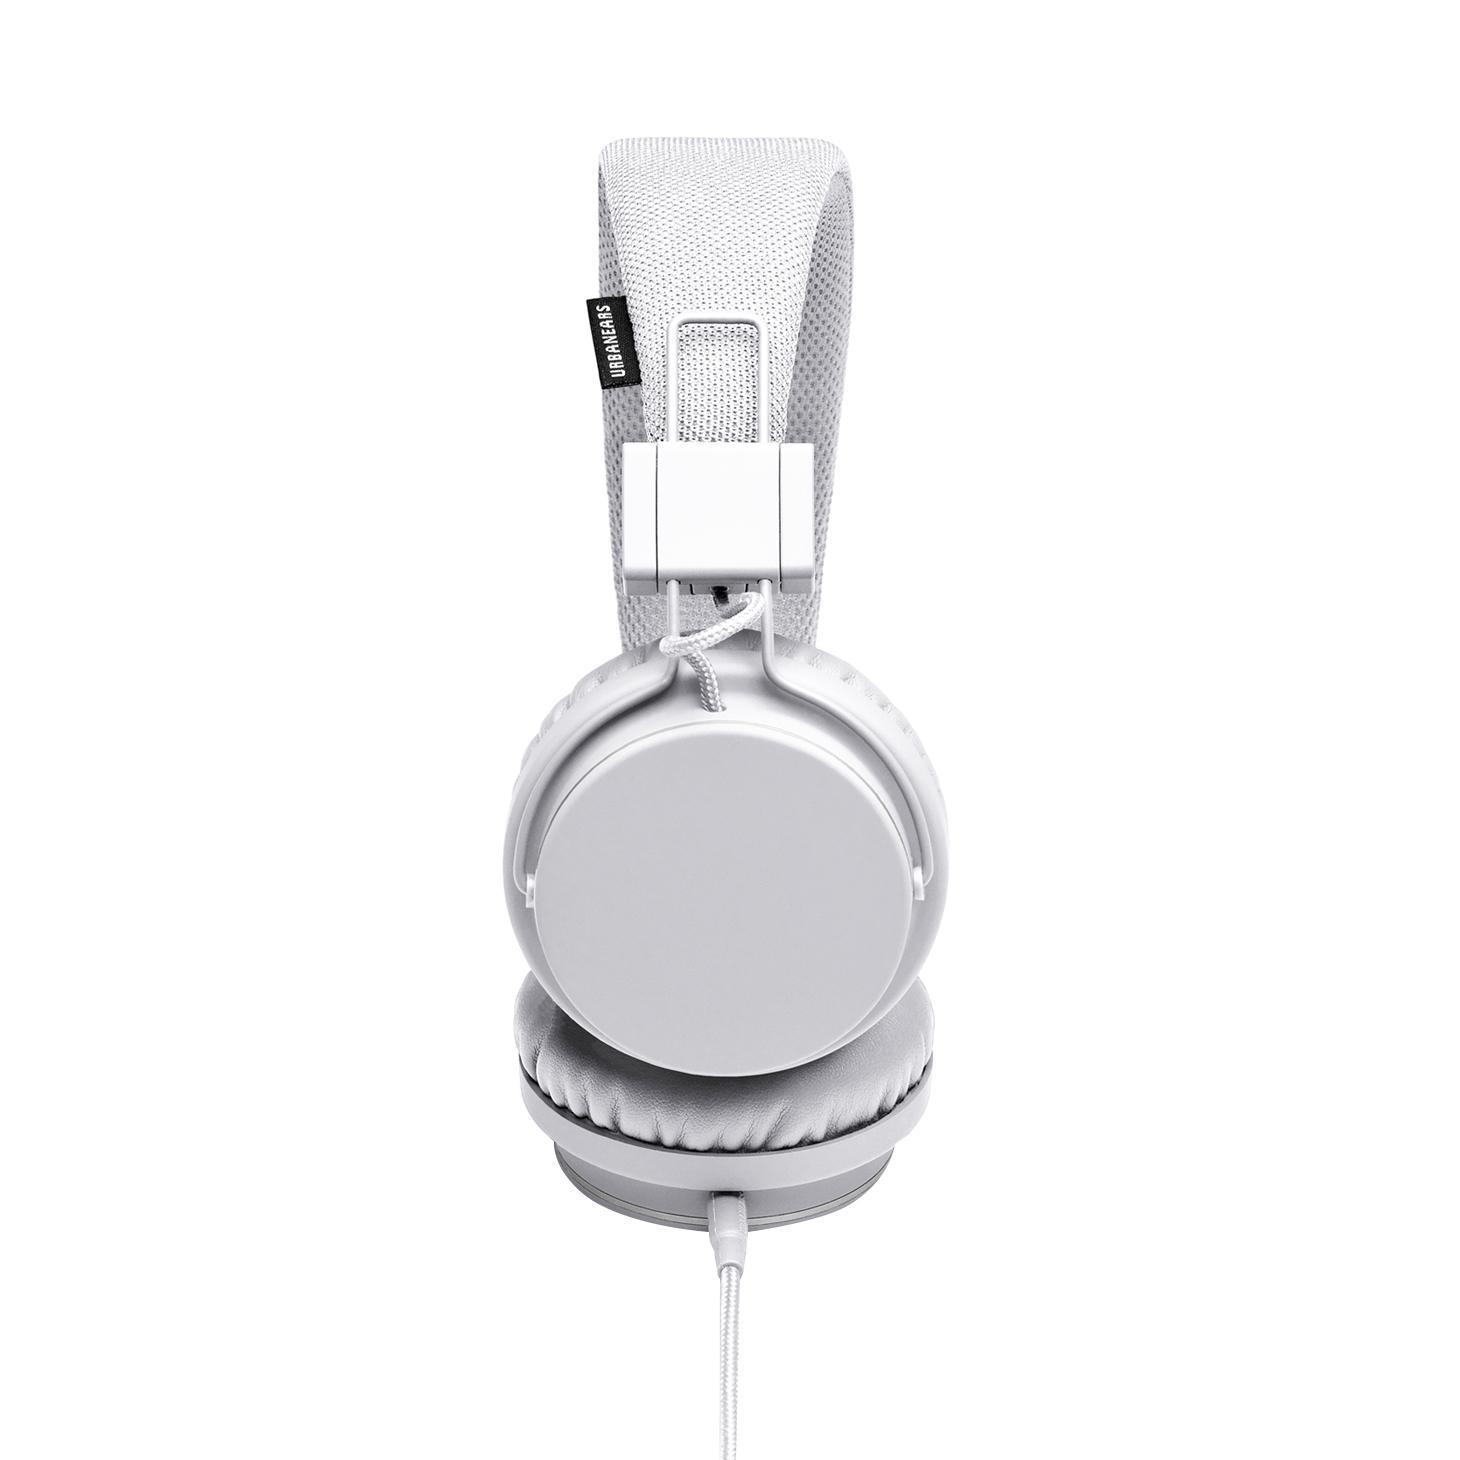 Urbanears Plattan, True White наушникиPlattan whiteUrbanears Plattan - качественные накладные наушники с классическим оголовьем для вашего устройства, надежно прижимающим динамики к ушам и распределяющим нагрузку по всей голове. Удобная «посадка» обеспечивает долгое, комфортное ношение. Внушительных размеров динамики передают чистый звук с выразительными низами и звонкими верхами. Встроенный микрофон позволяет общаться «без использования рук», а его высокая чувствительность делает вашу речь хорошо разборчивой на другом конце «провода». Urbanears Plattan отлично подходят как для общения, так и для прослушивания музыки, радио, просмотра видеороликов и фильмов. Устройство совместимо с такими моделями Apple iPad 3, iPad 4, iPad mini, iPad mini 2, iPad Air, iPod touch 5G, iPhone 4S, iPhone 4, iPhone 5, iPhone 5S.